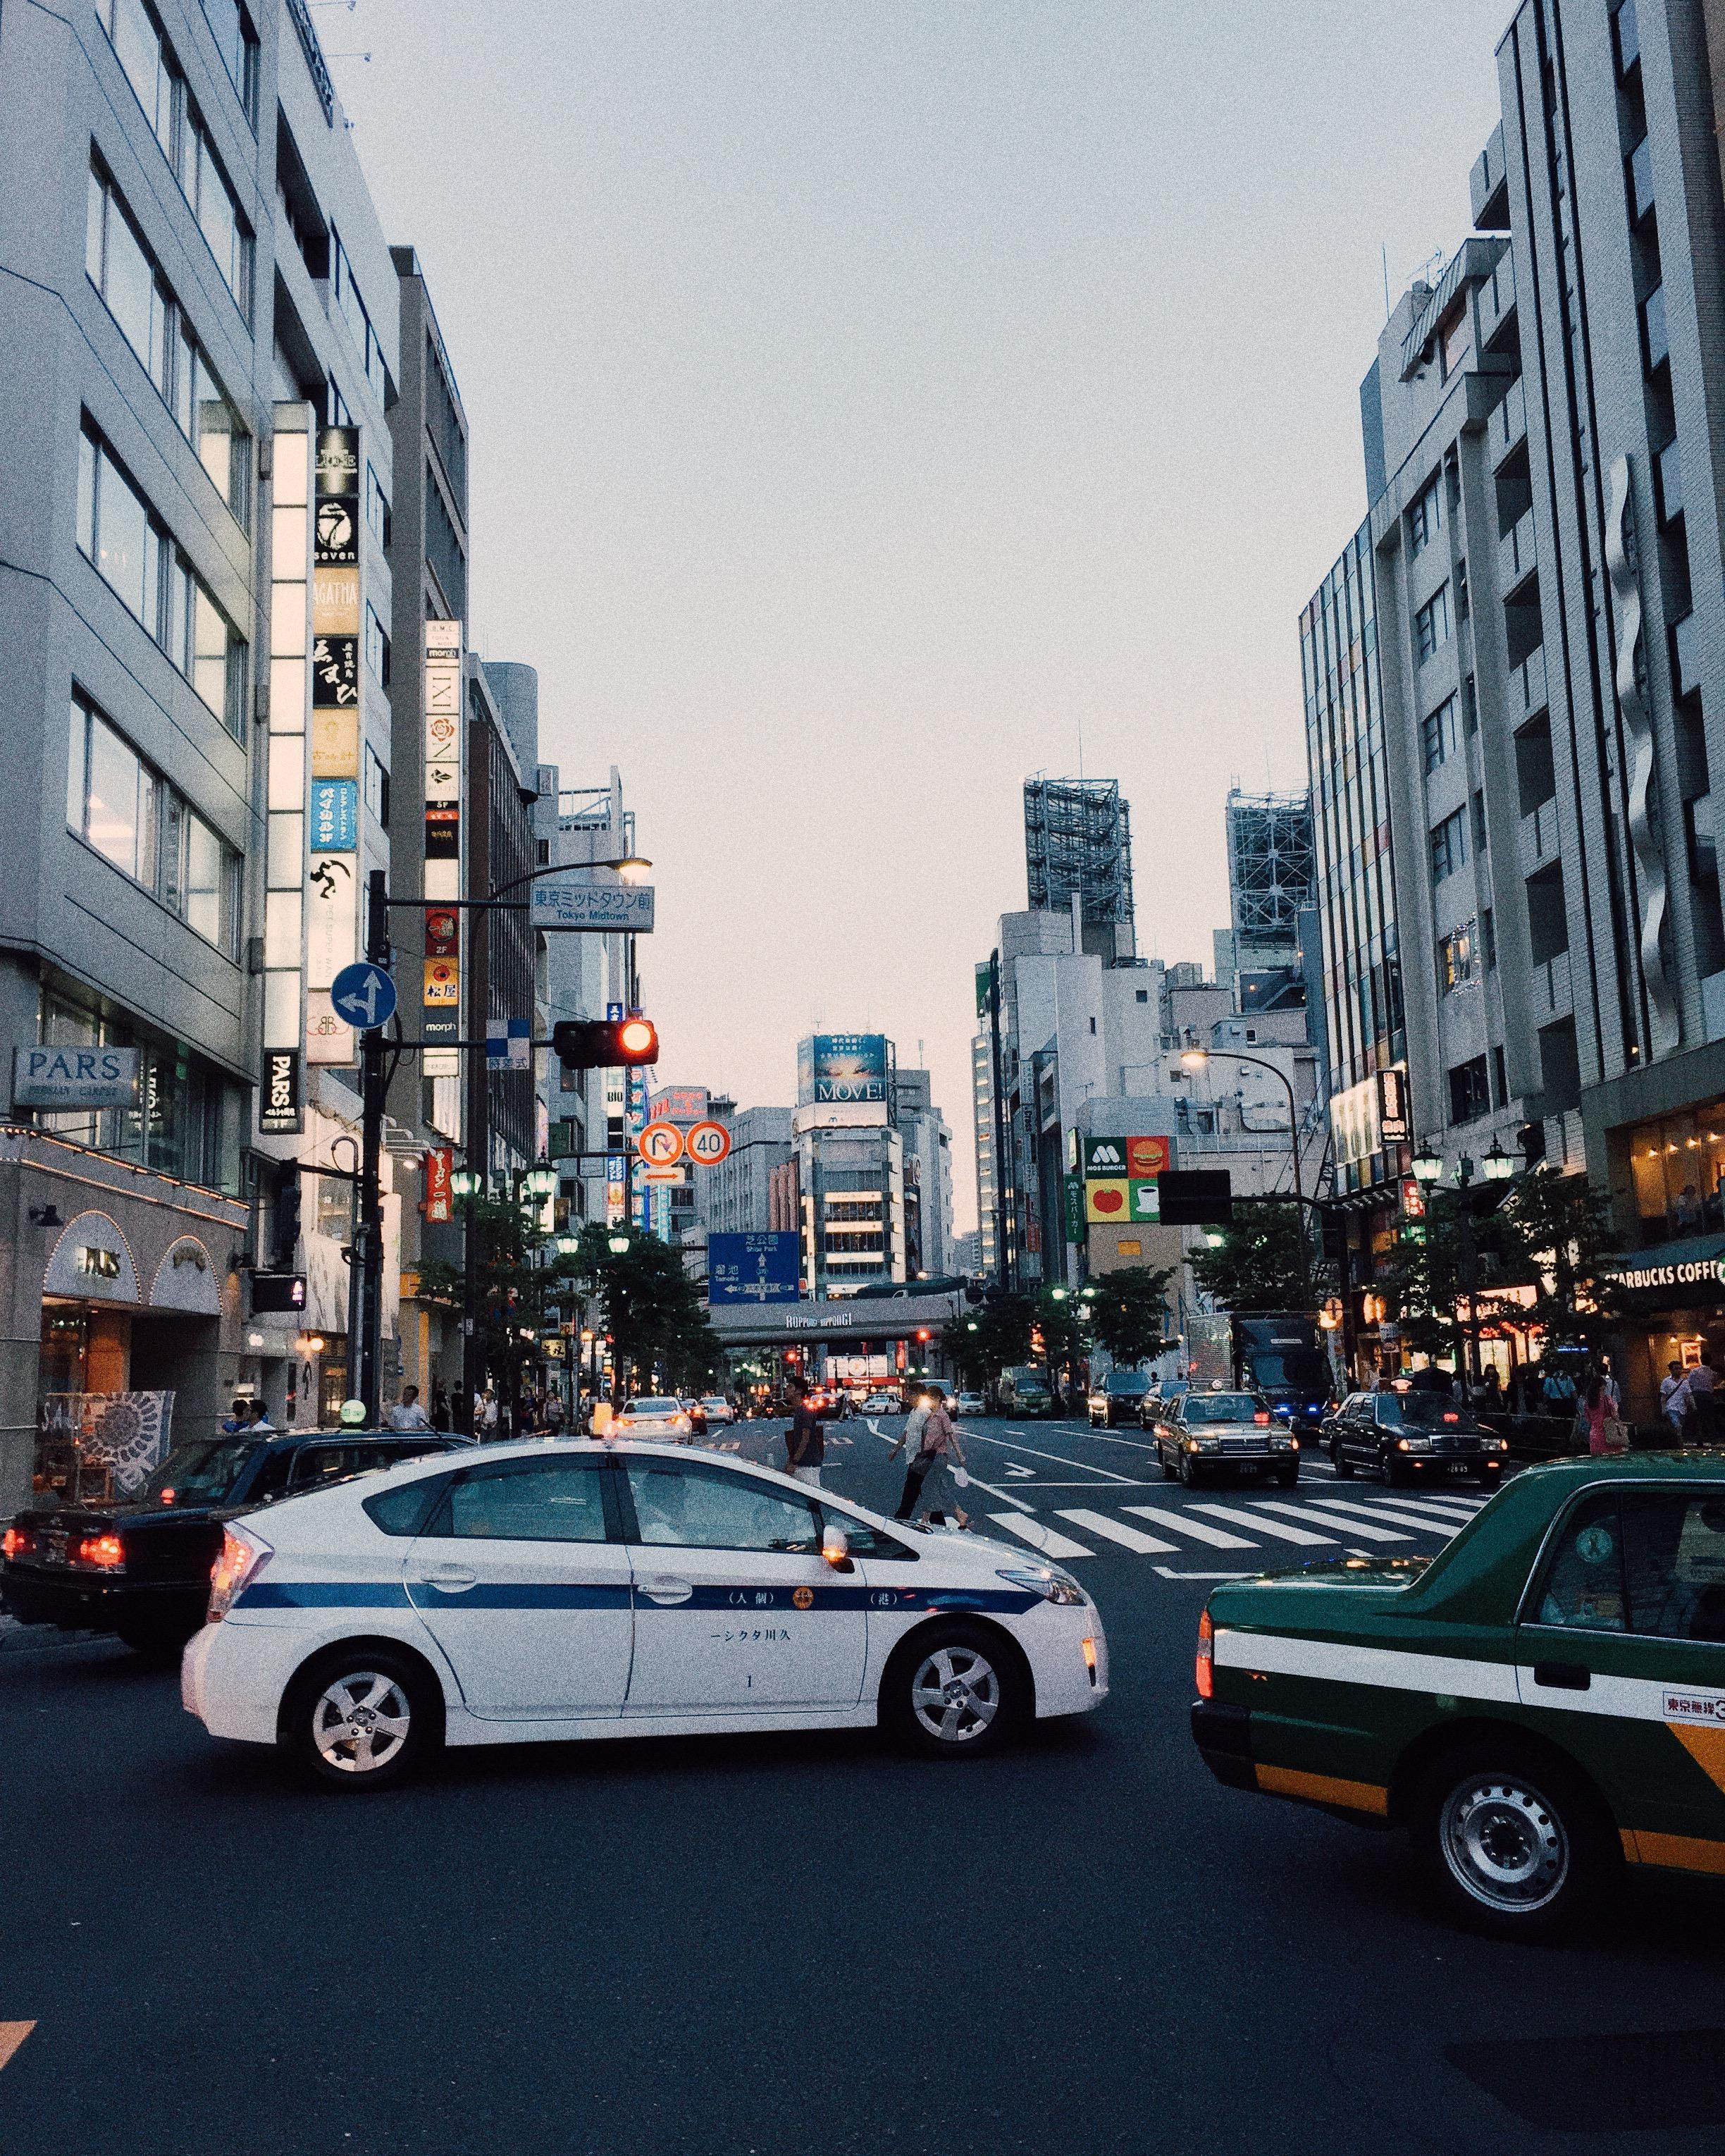 Roppongi, Summer 2015.